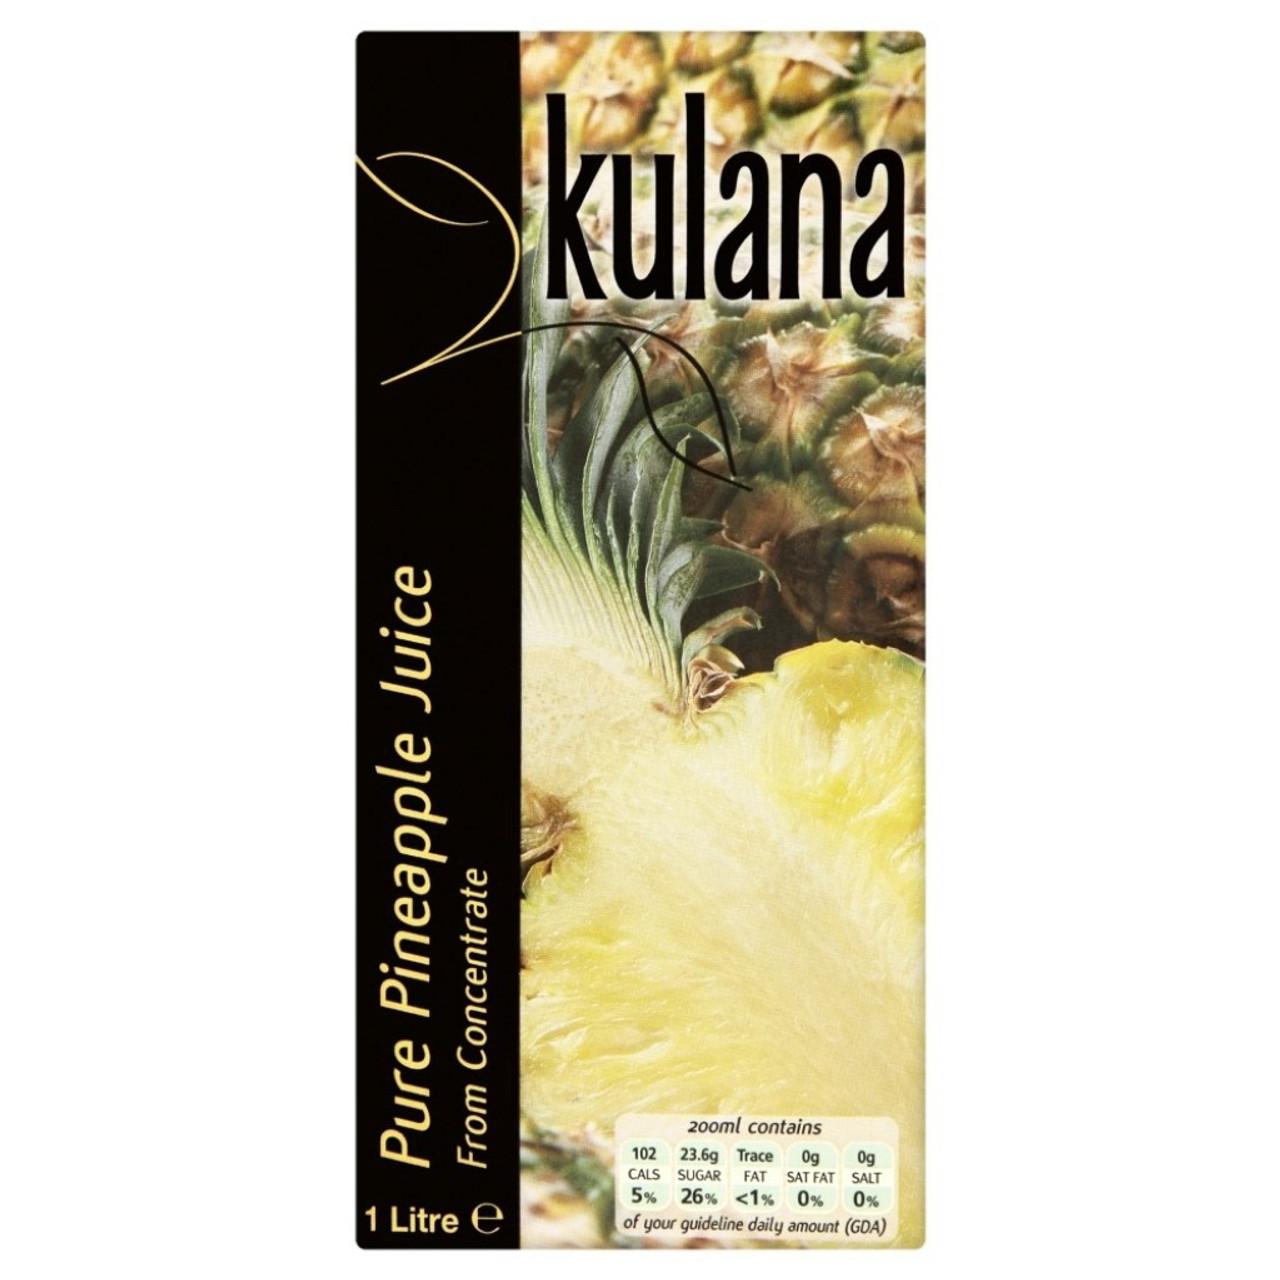 KULANA PINEAPPLE JUICE 1L